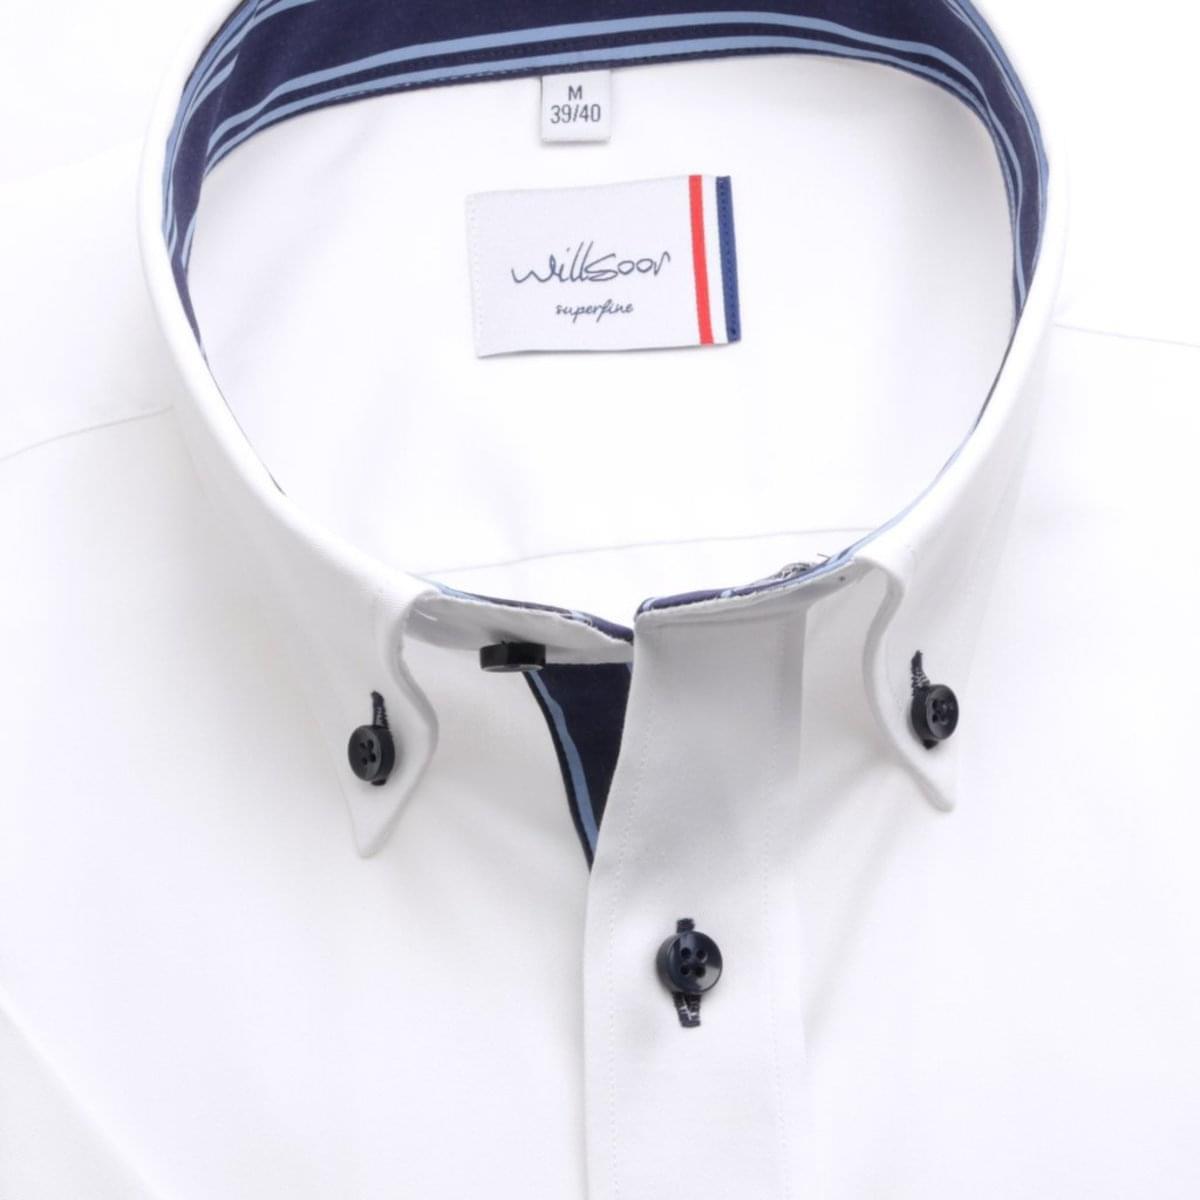 Pánska slim fit košele (výška 176-182) 6475 v biele farbe s golierikom na gombíky 176-182 / M (39/40)